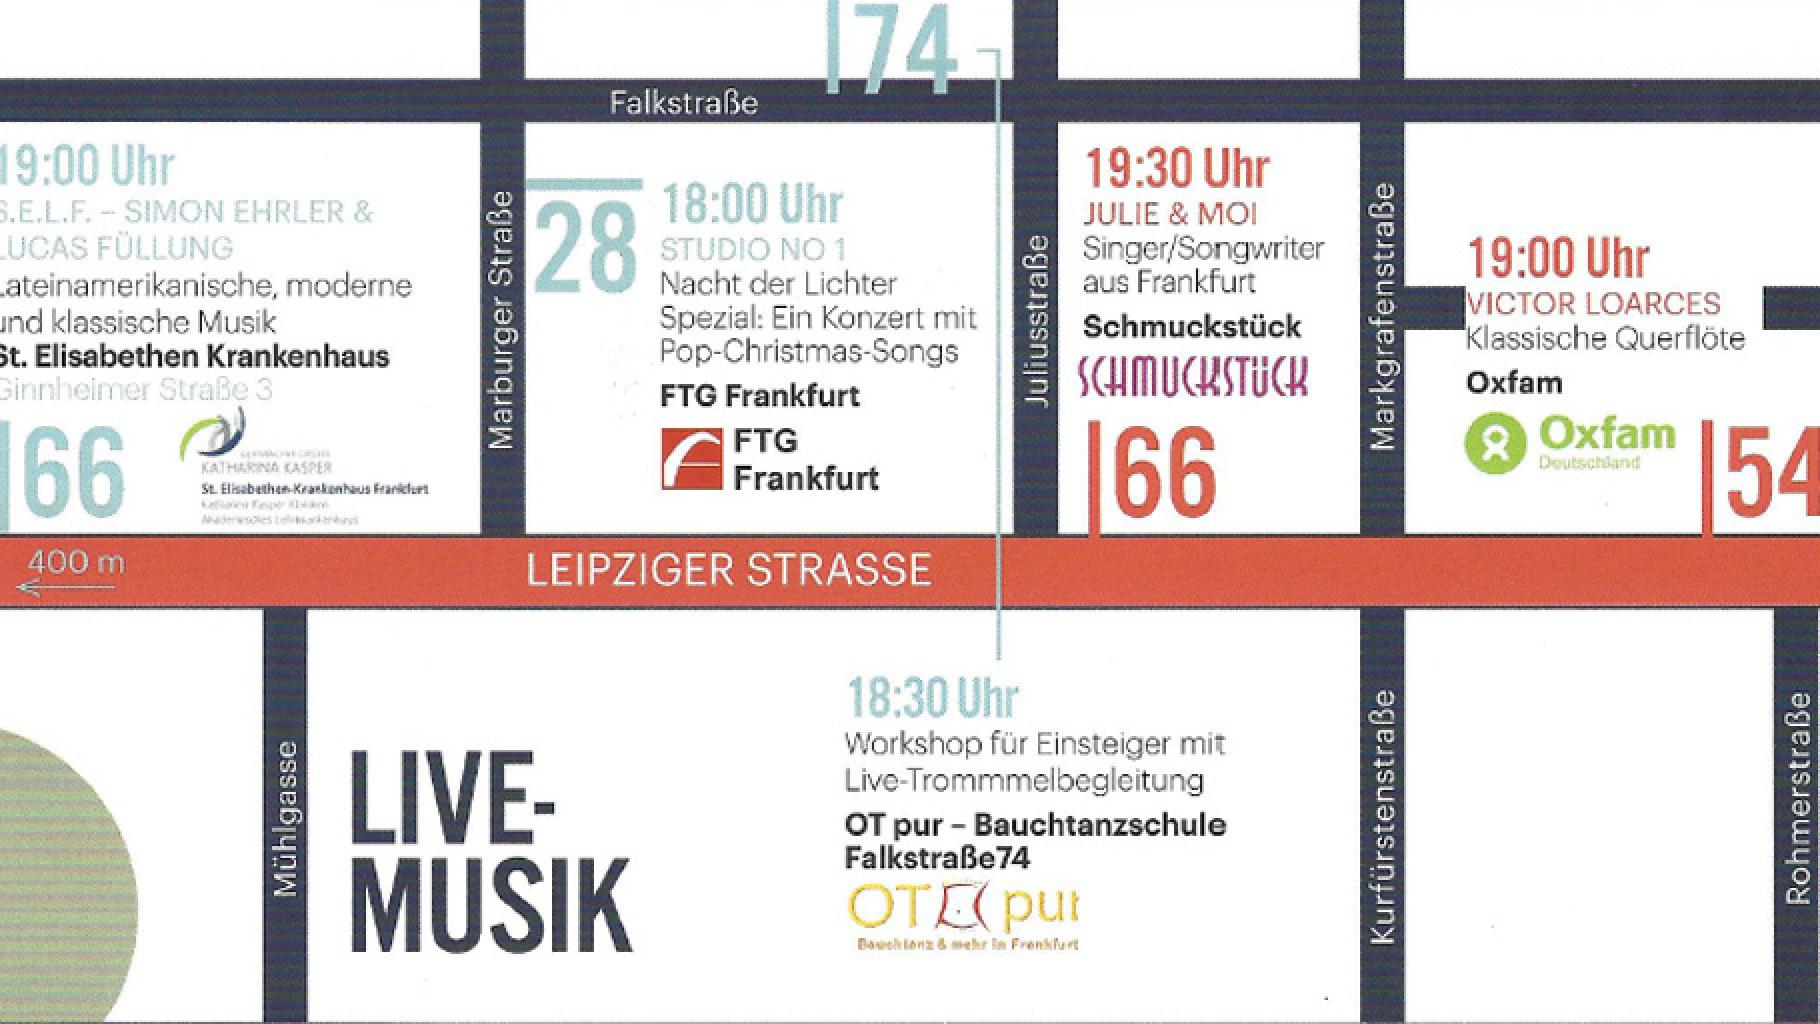 Oxfam Fashionshop Frankfurt Bockenheim: Nacht der Lichter 2018 mit Live-Musik